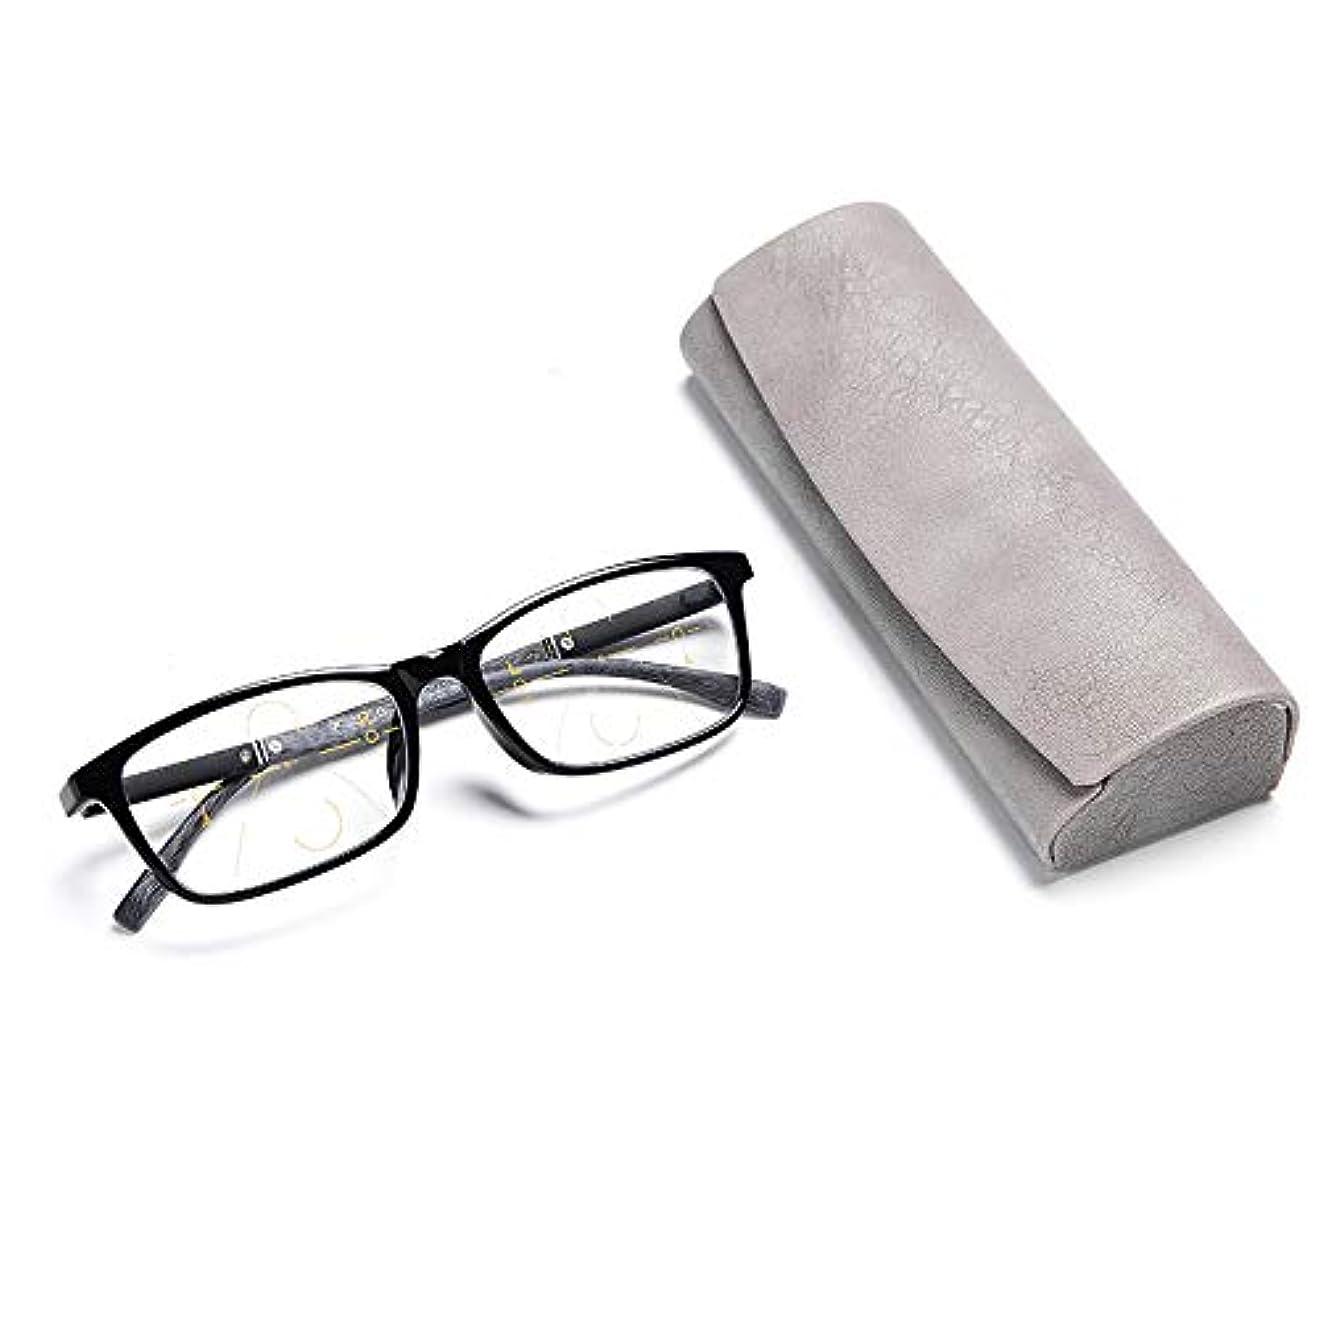 マットレスくちばしケントプログレッシブ多焦点老眼鏡、スマートズームブラック老眼鏡、スタイリッシュな超軽量光学ガラス、男性と女性のポータブルメガネ2.50